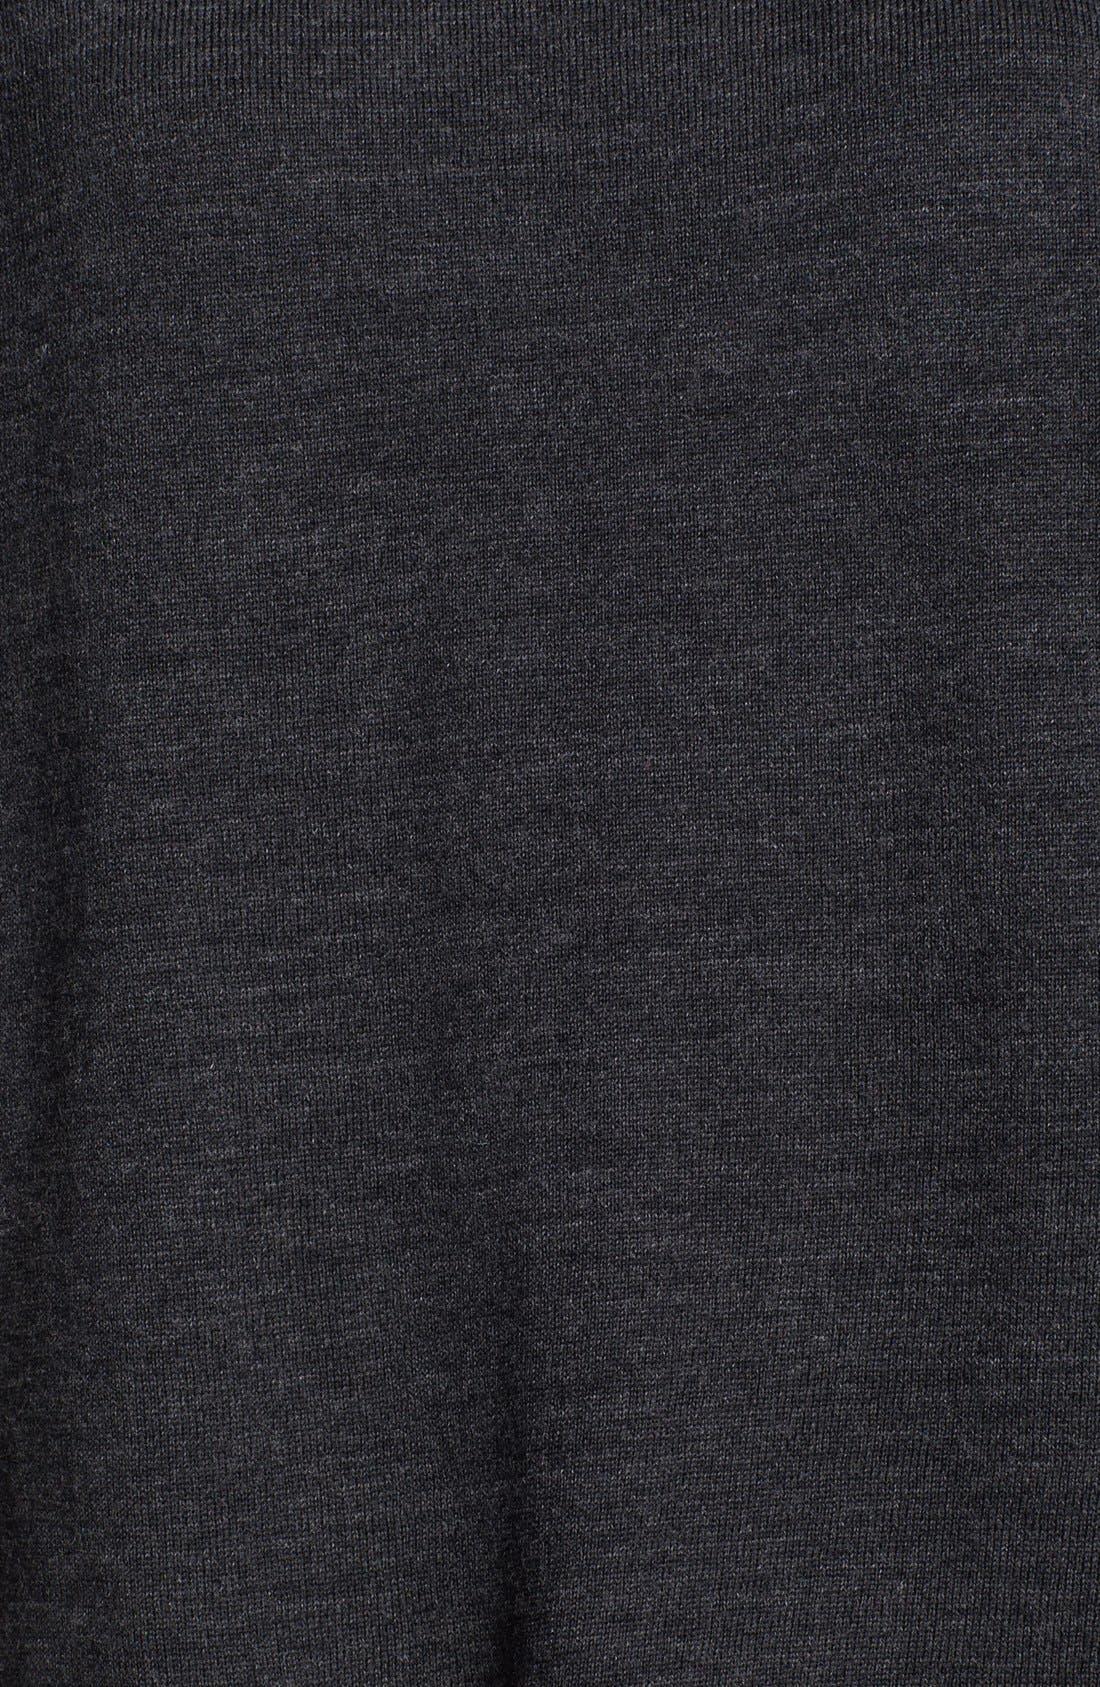 Alternate Image 3  - Eileen Fisher Faux Wrap Back Merino Jersey Top